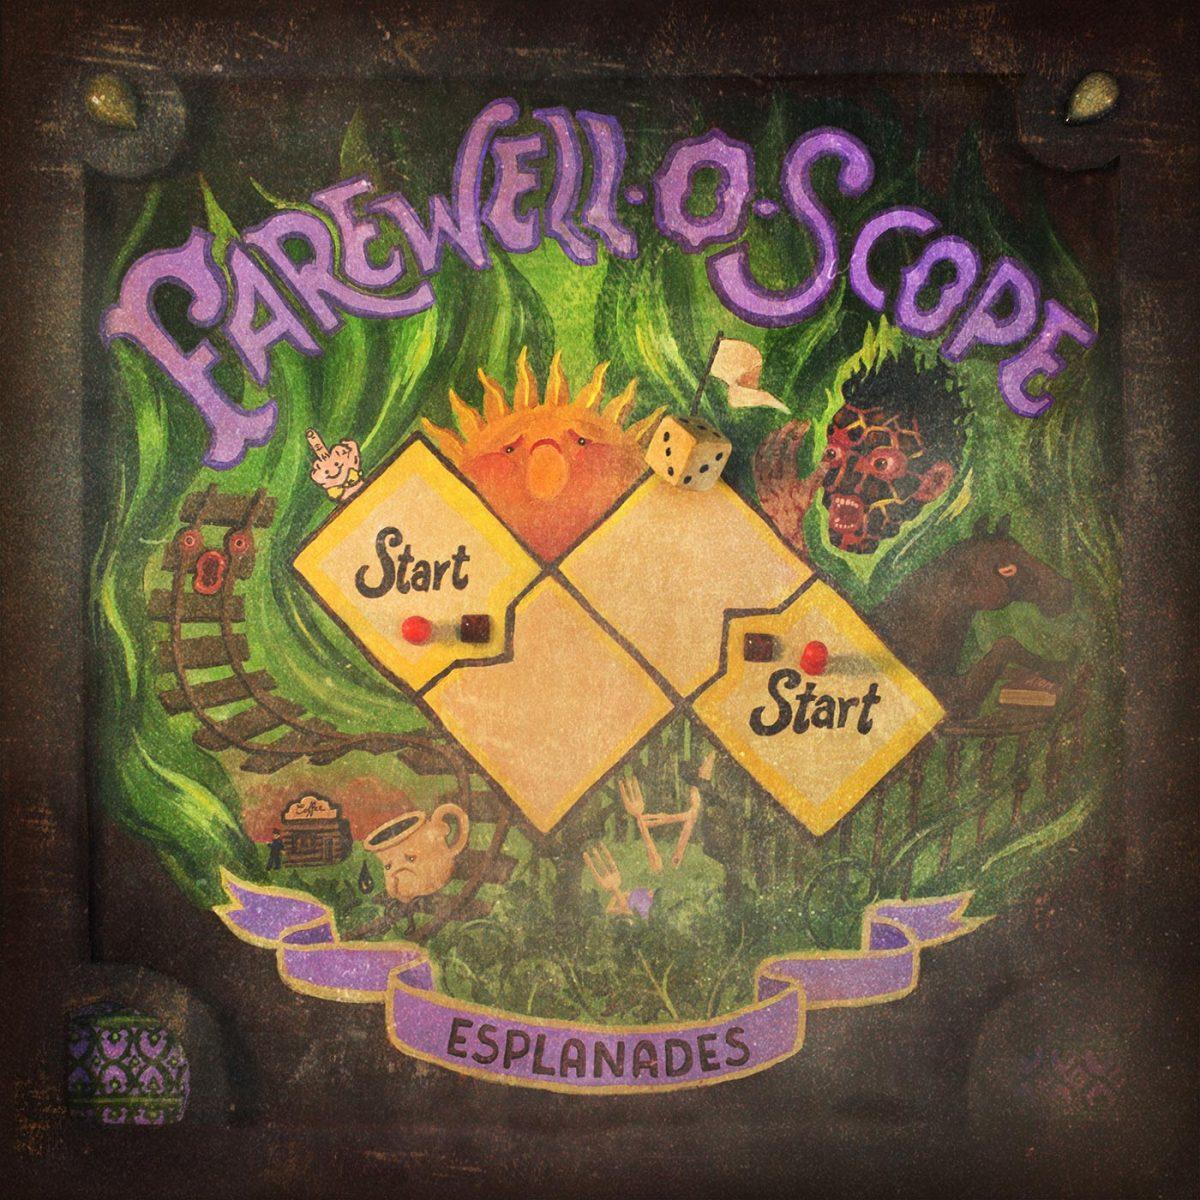 Sortie du nouvel EP d'Esplanades Farewell-O-Scope le 18 septembre 2020